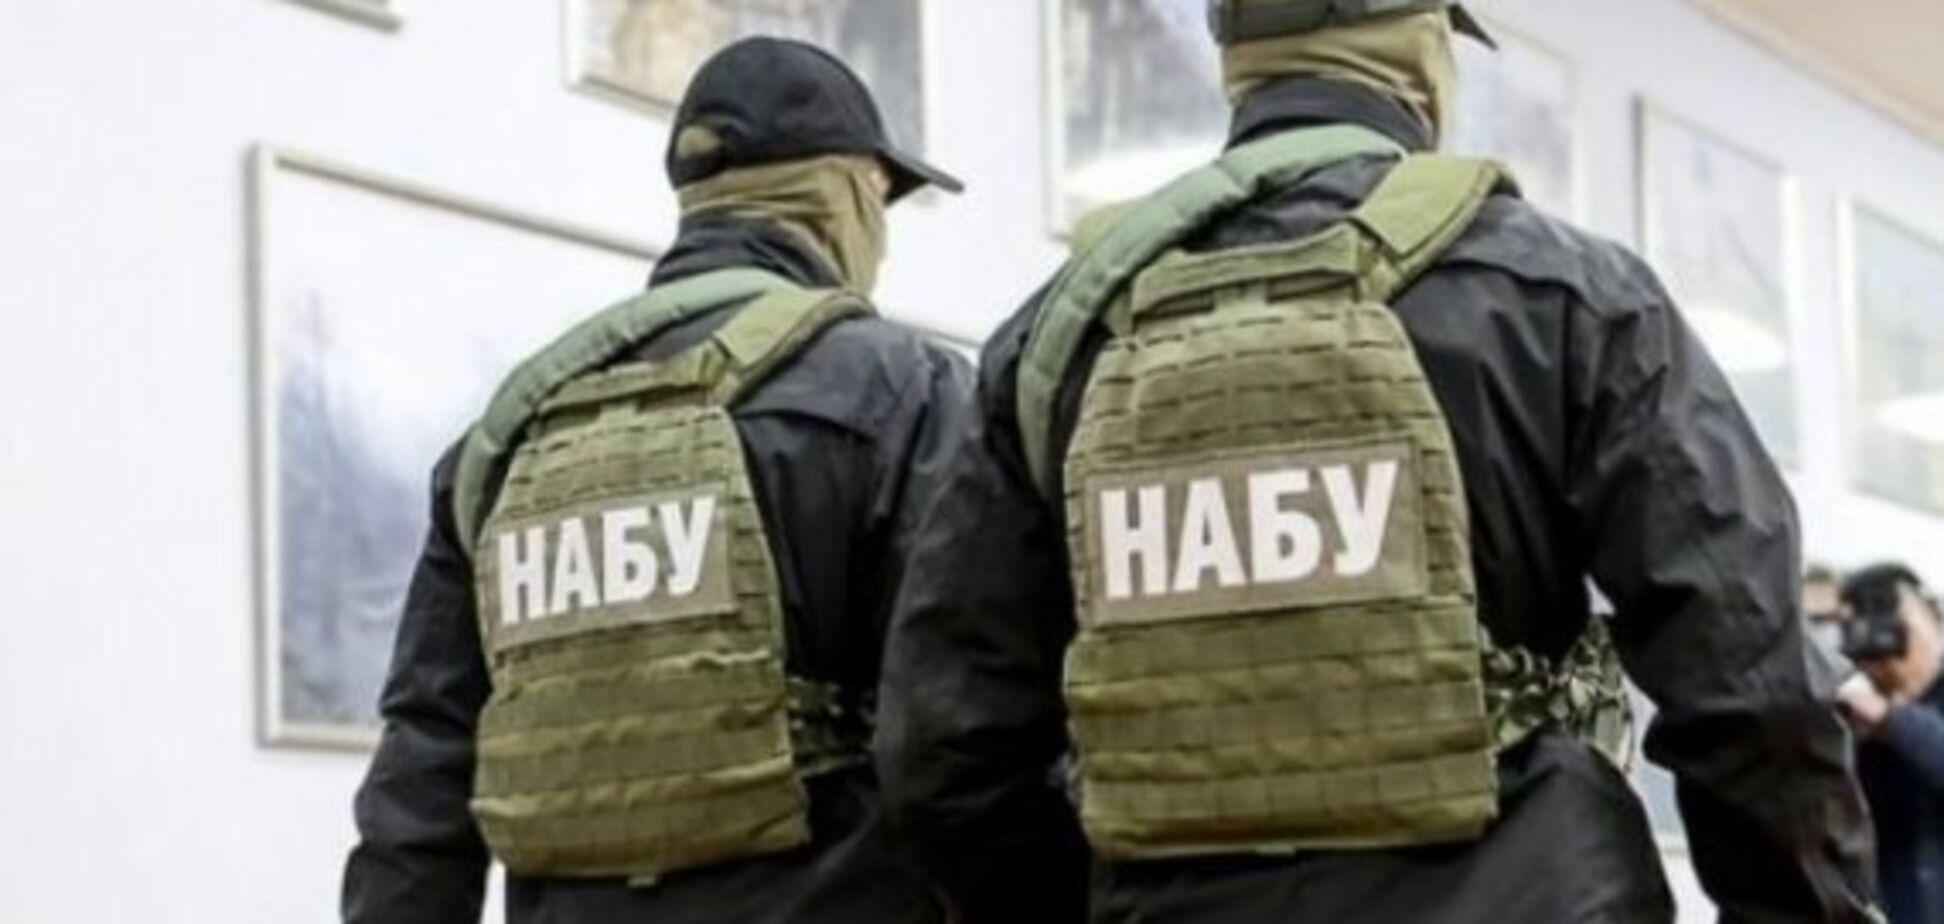 Из-за скандала с 'Укроборонпромом': ГБР пришло с обыском в НАБУ